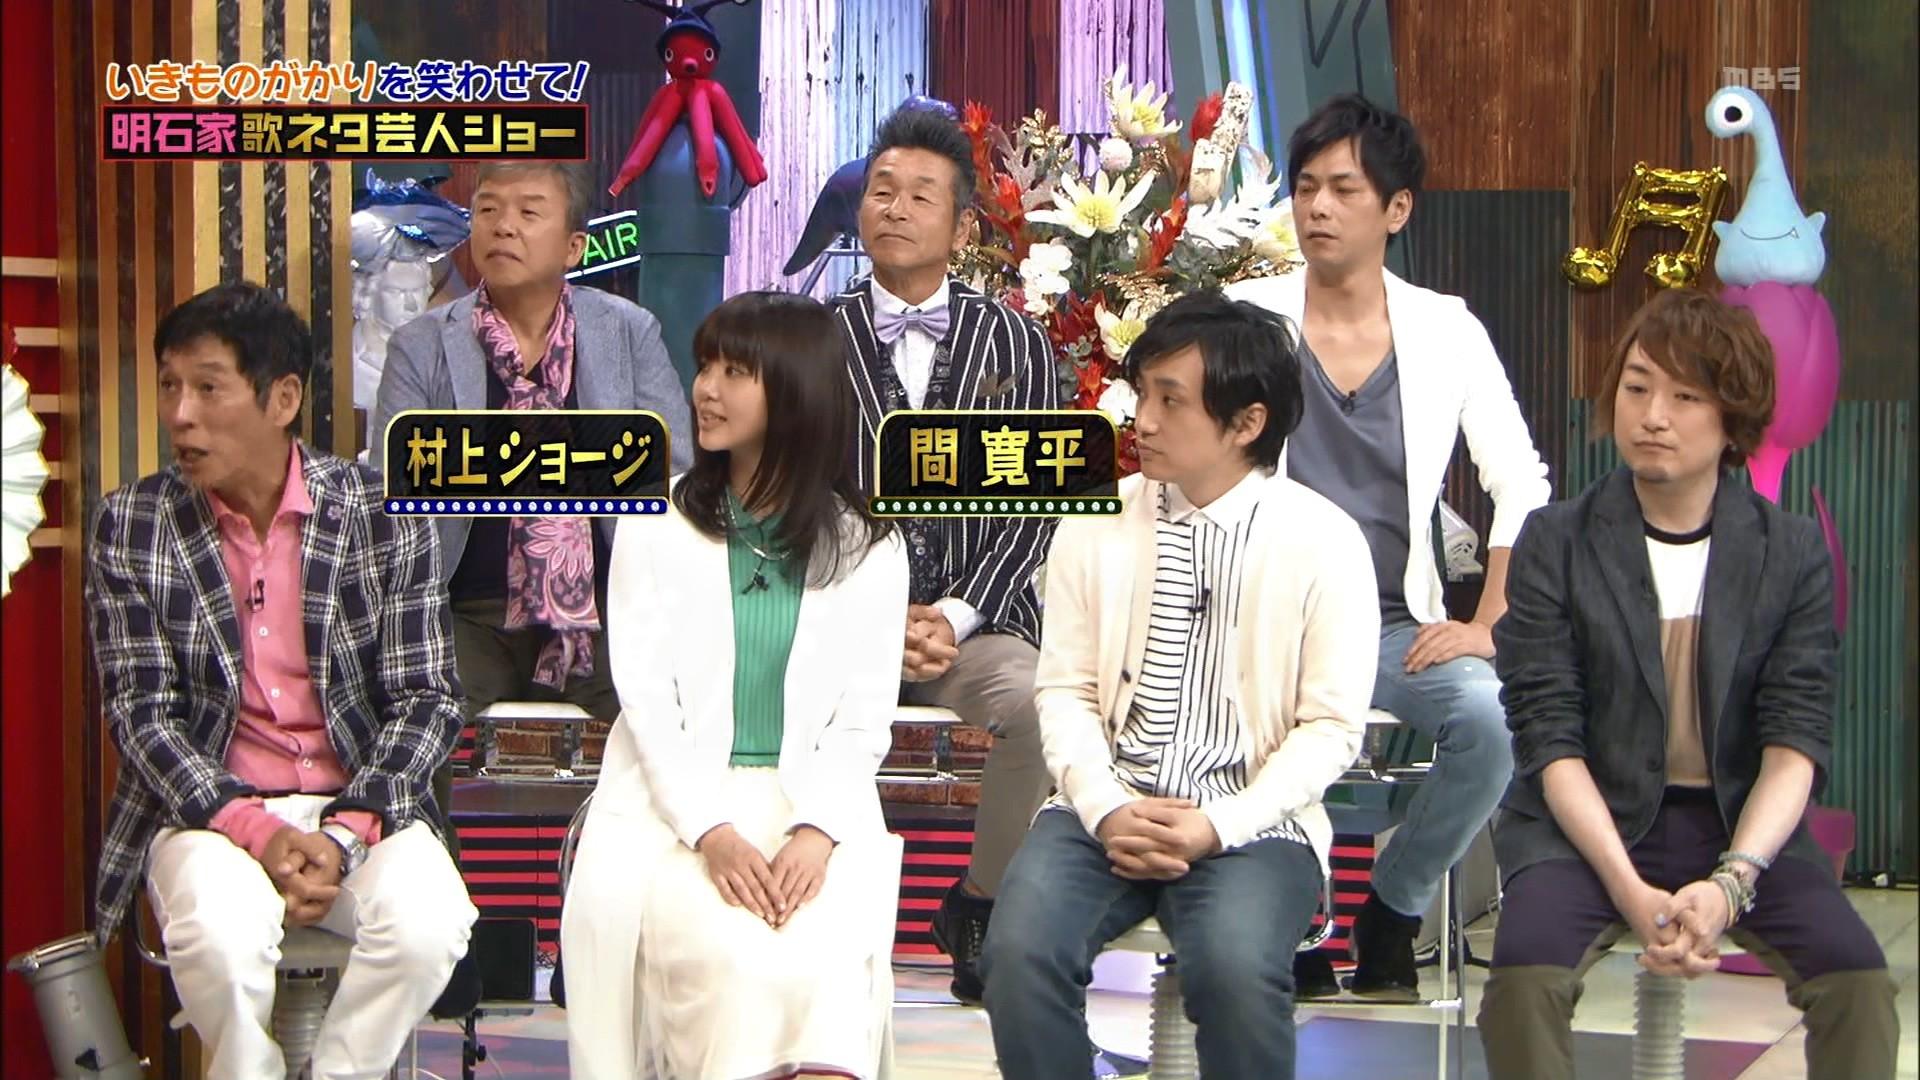 2016.05.15 全場(痛快!明石家電視台).ts_20160517_102721.055